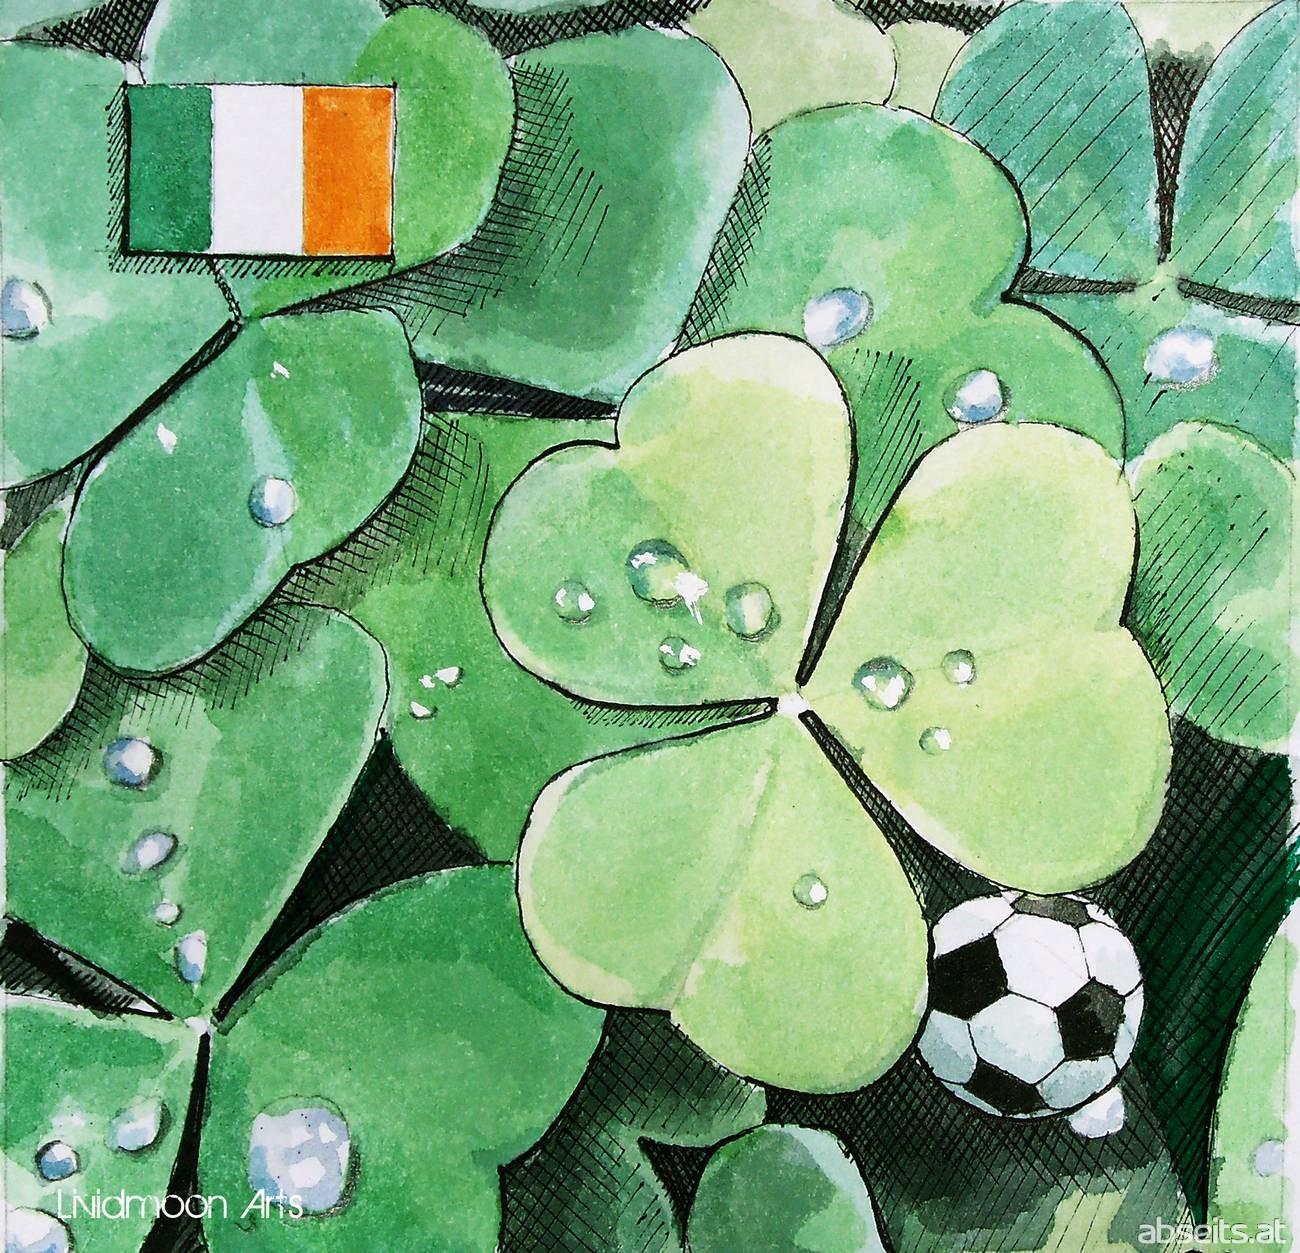 Fußball in Irland - Kleeblätter_abseits.at